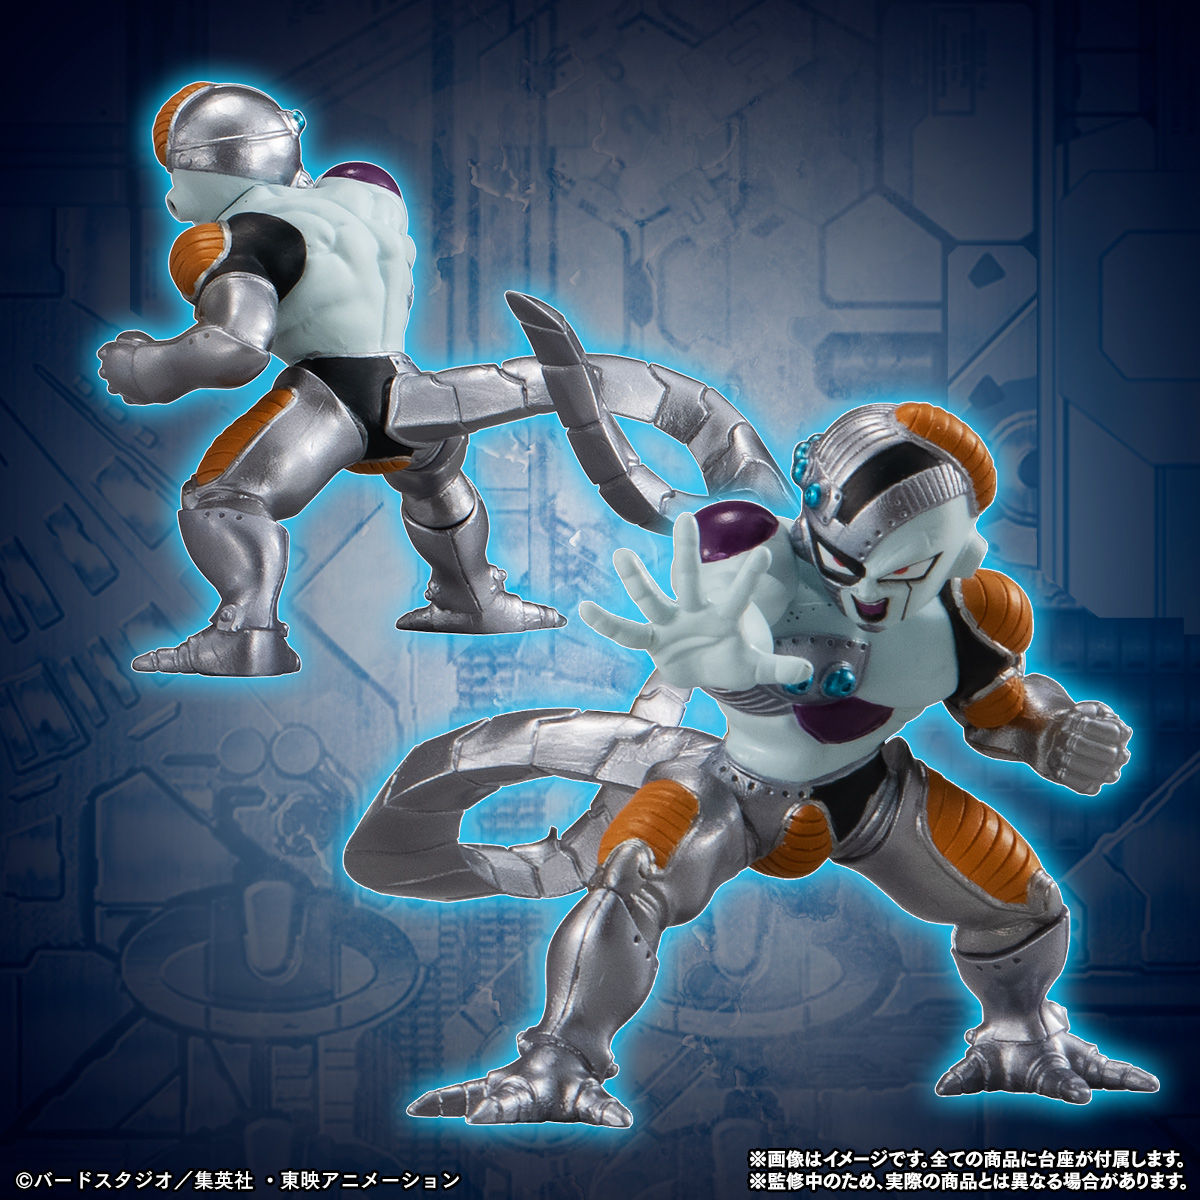 【限定販売】HGシリーズ『HGドラゴンボール もう一人の超サイヤ人編』全3種+タイムマシン-006